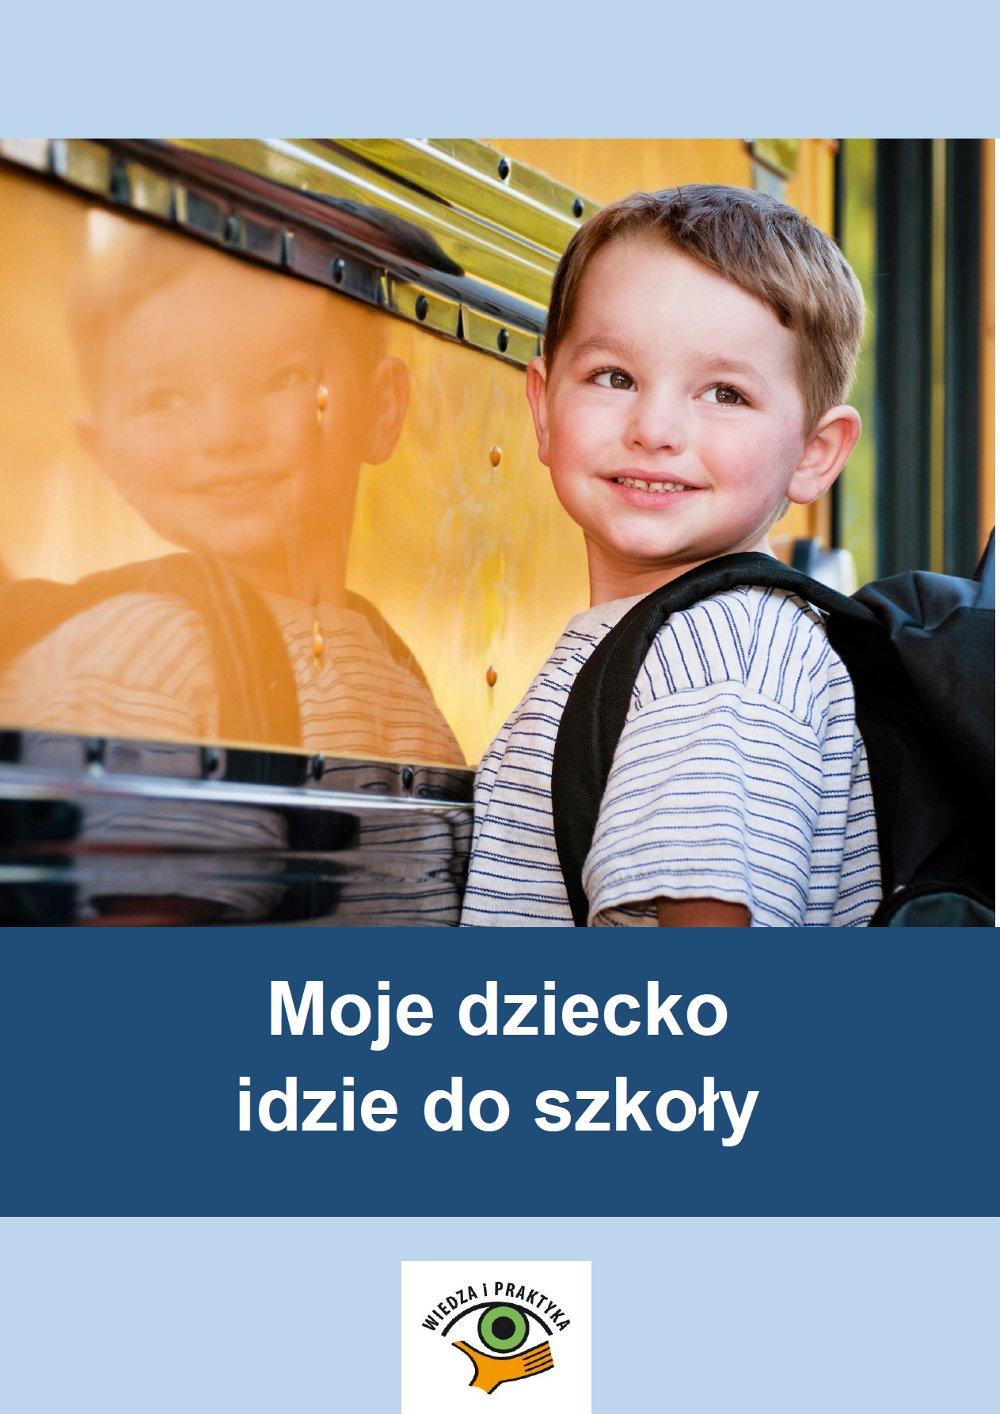 Moje dziecko idzie do szkoły - Ebook (Książka PDF) do pobrania w formacie PDF